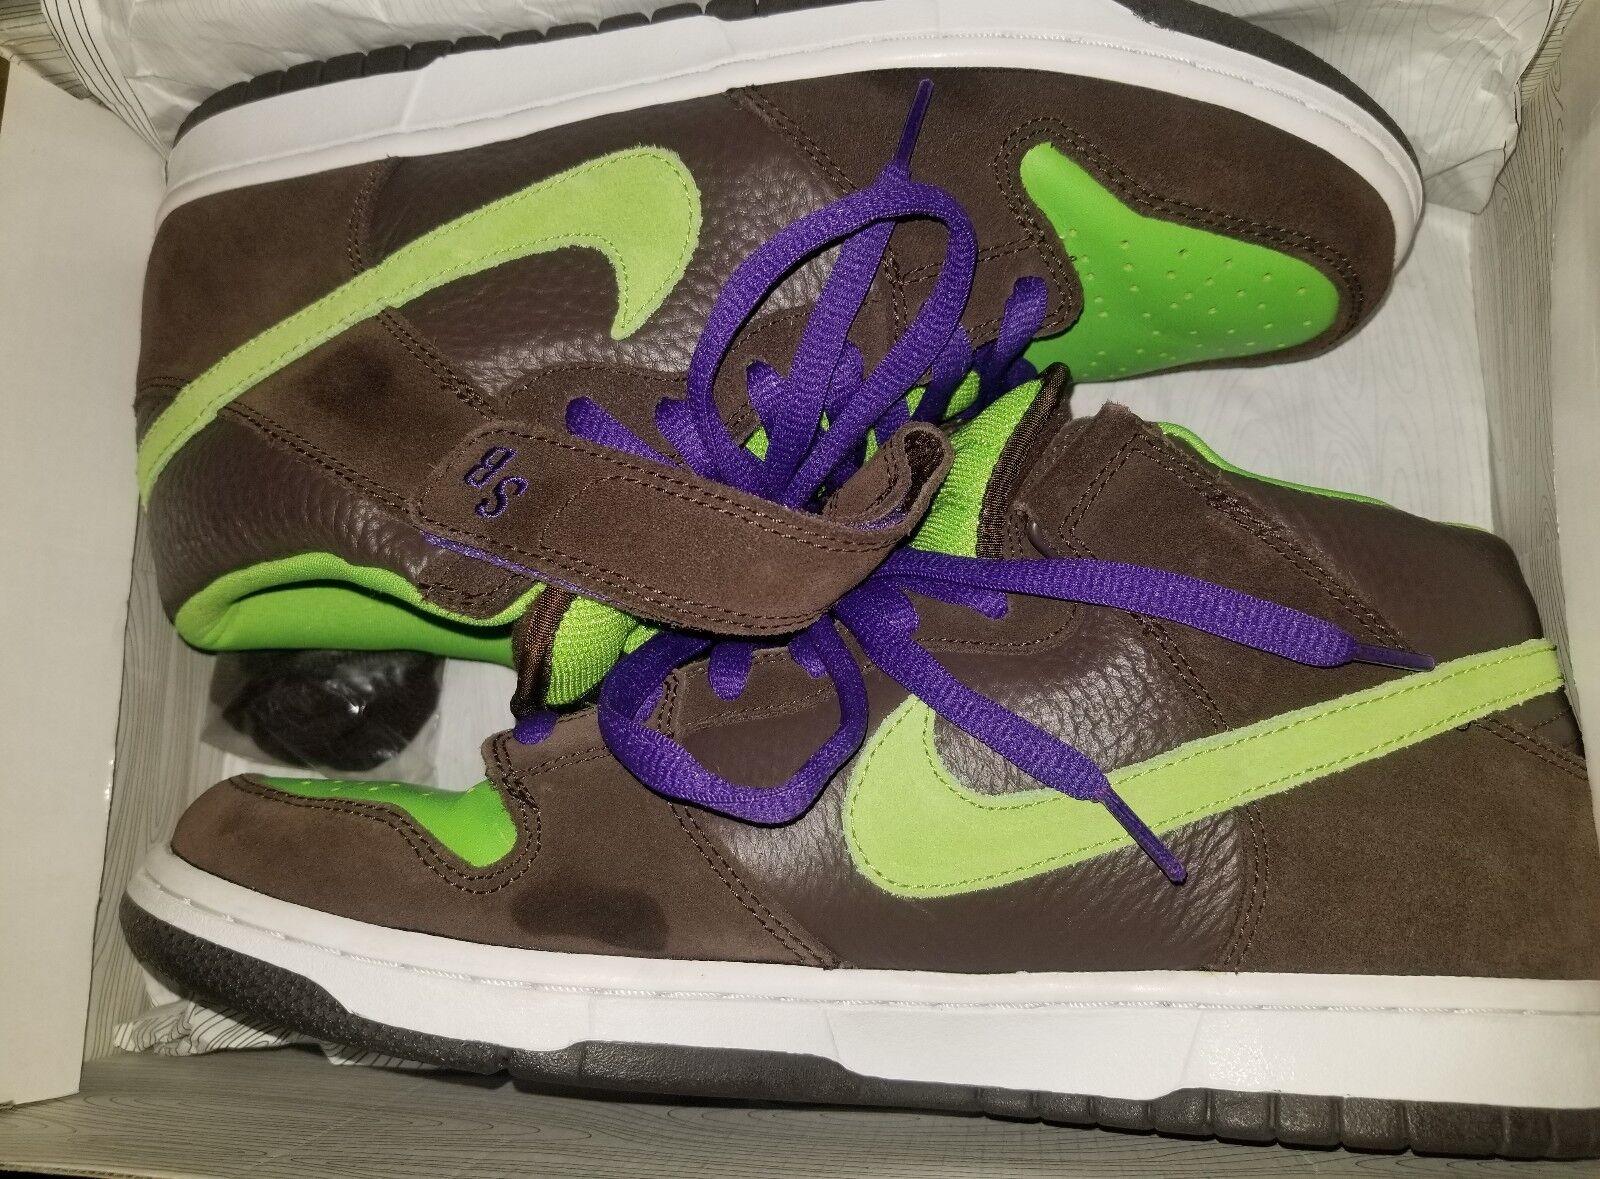 promo code d4200 2fceb Gli uomini di sono le scarpe nike nuove di uomini zecca con la  scatola.verde militare.nero.rosso.dimensioni 9.5 f39fec